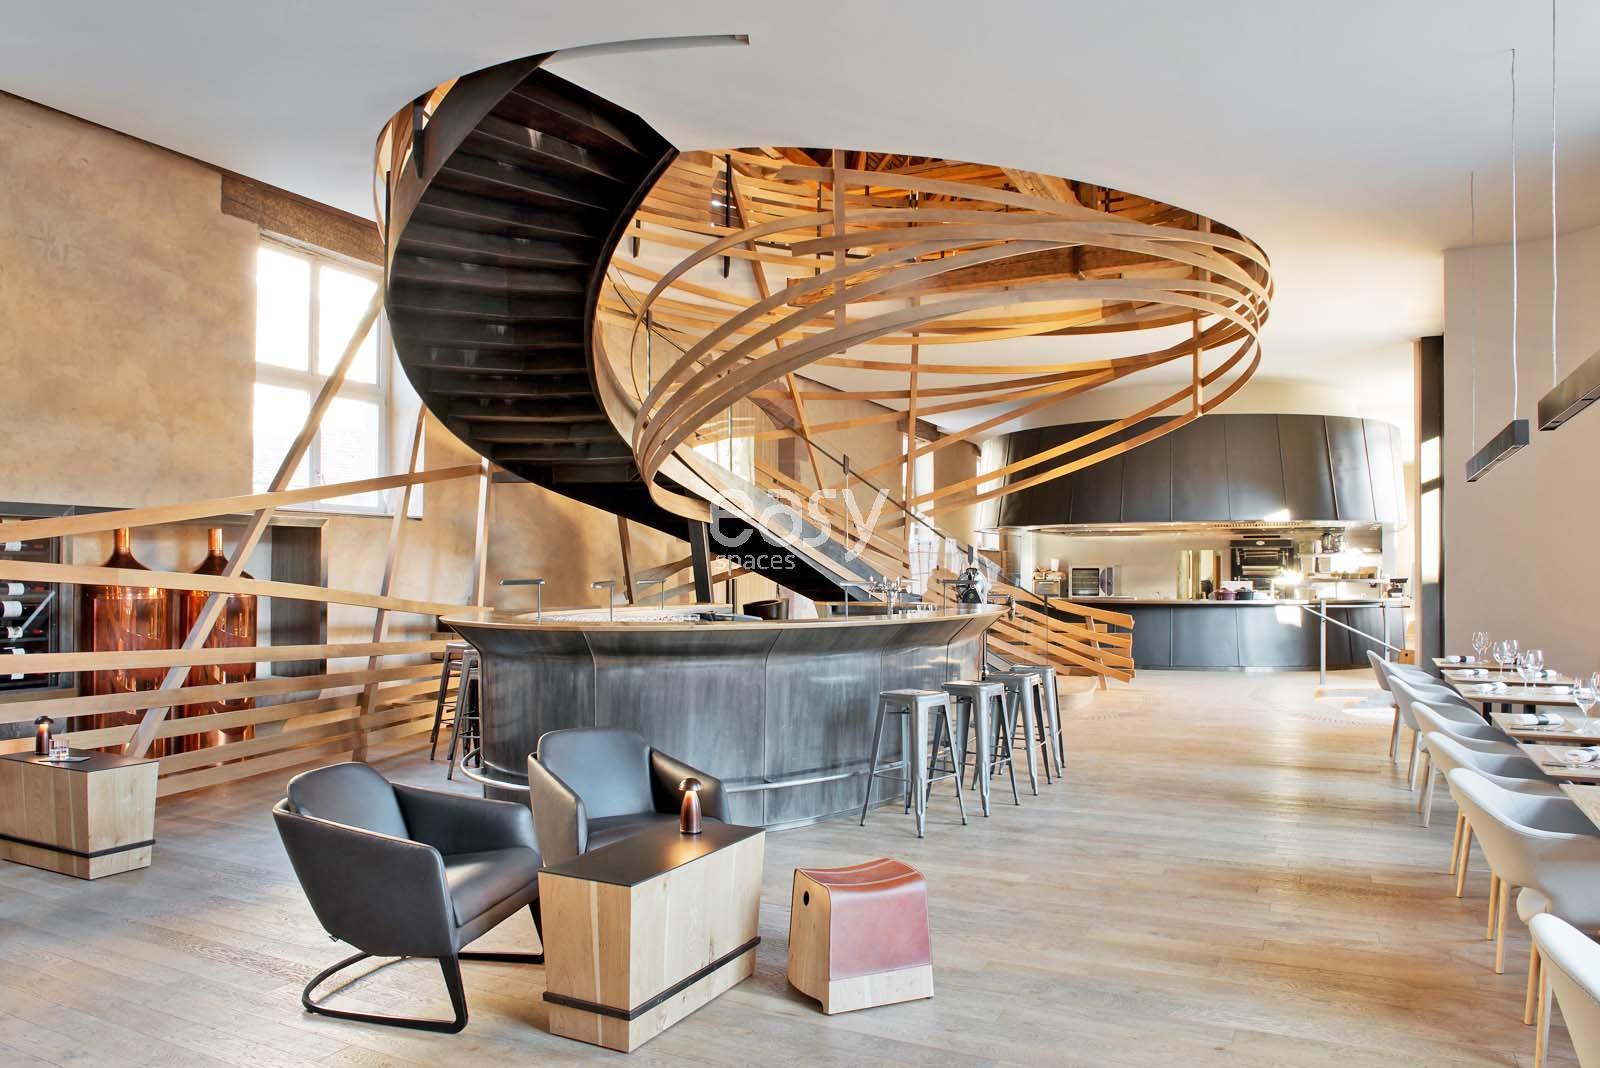 lieux de tournage shooting et v nementiel strasbourg lieux lieu louer pour tournage dans le. Black Bedroom Furniture Sets. Home Design Ideas